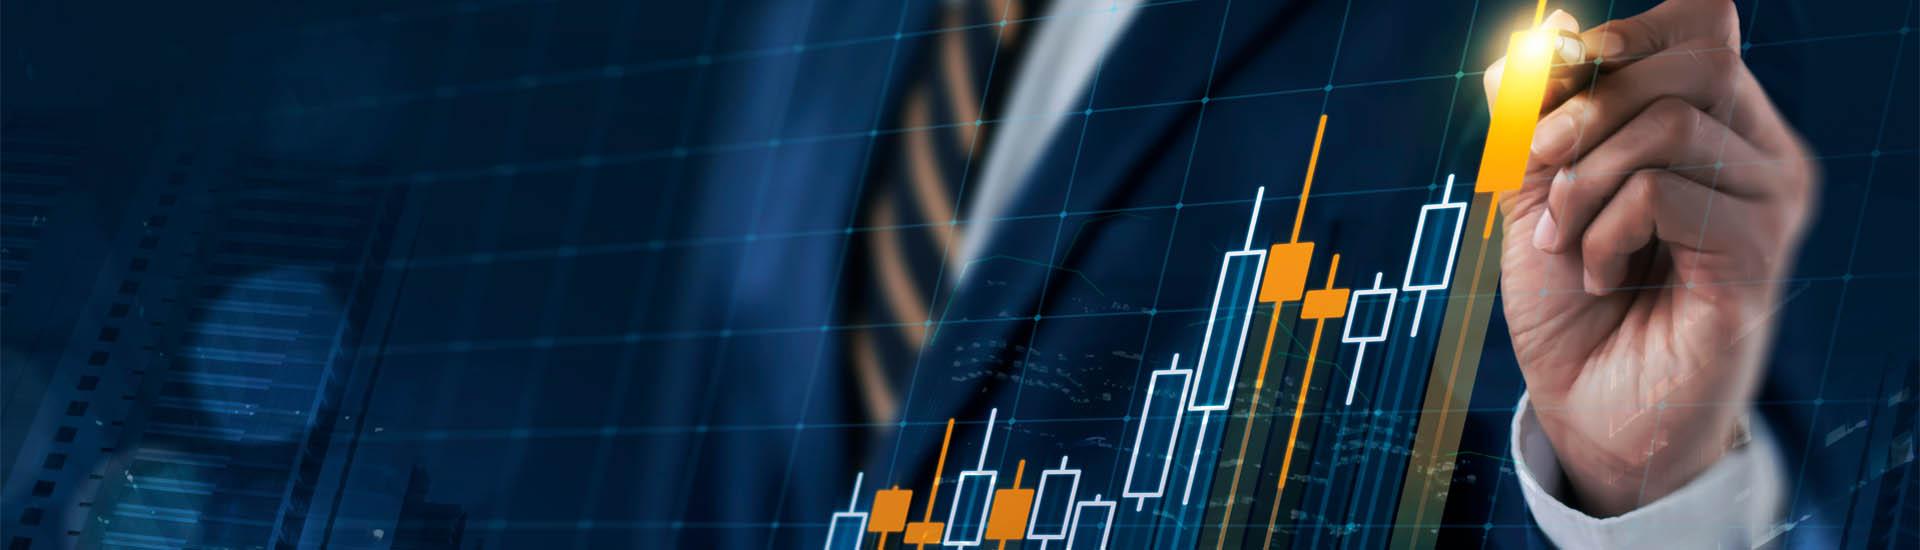 Ejecutivo analizando gráfica de inversión